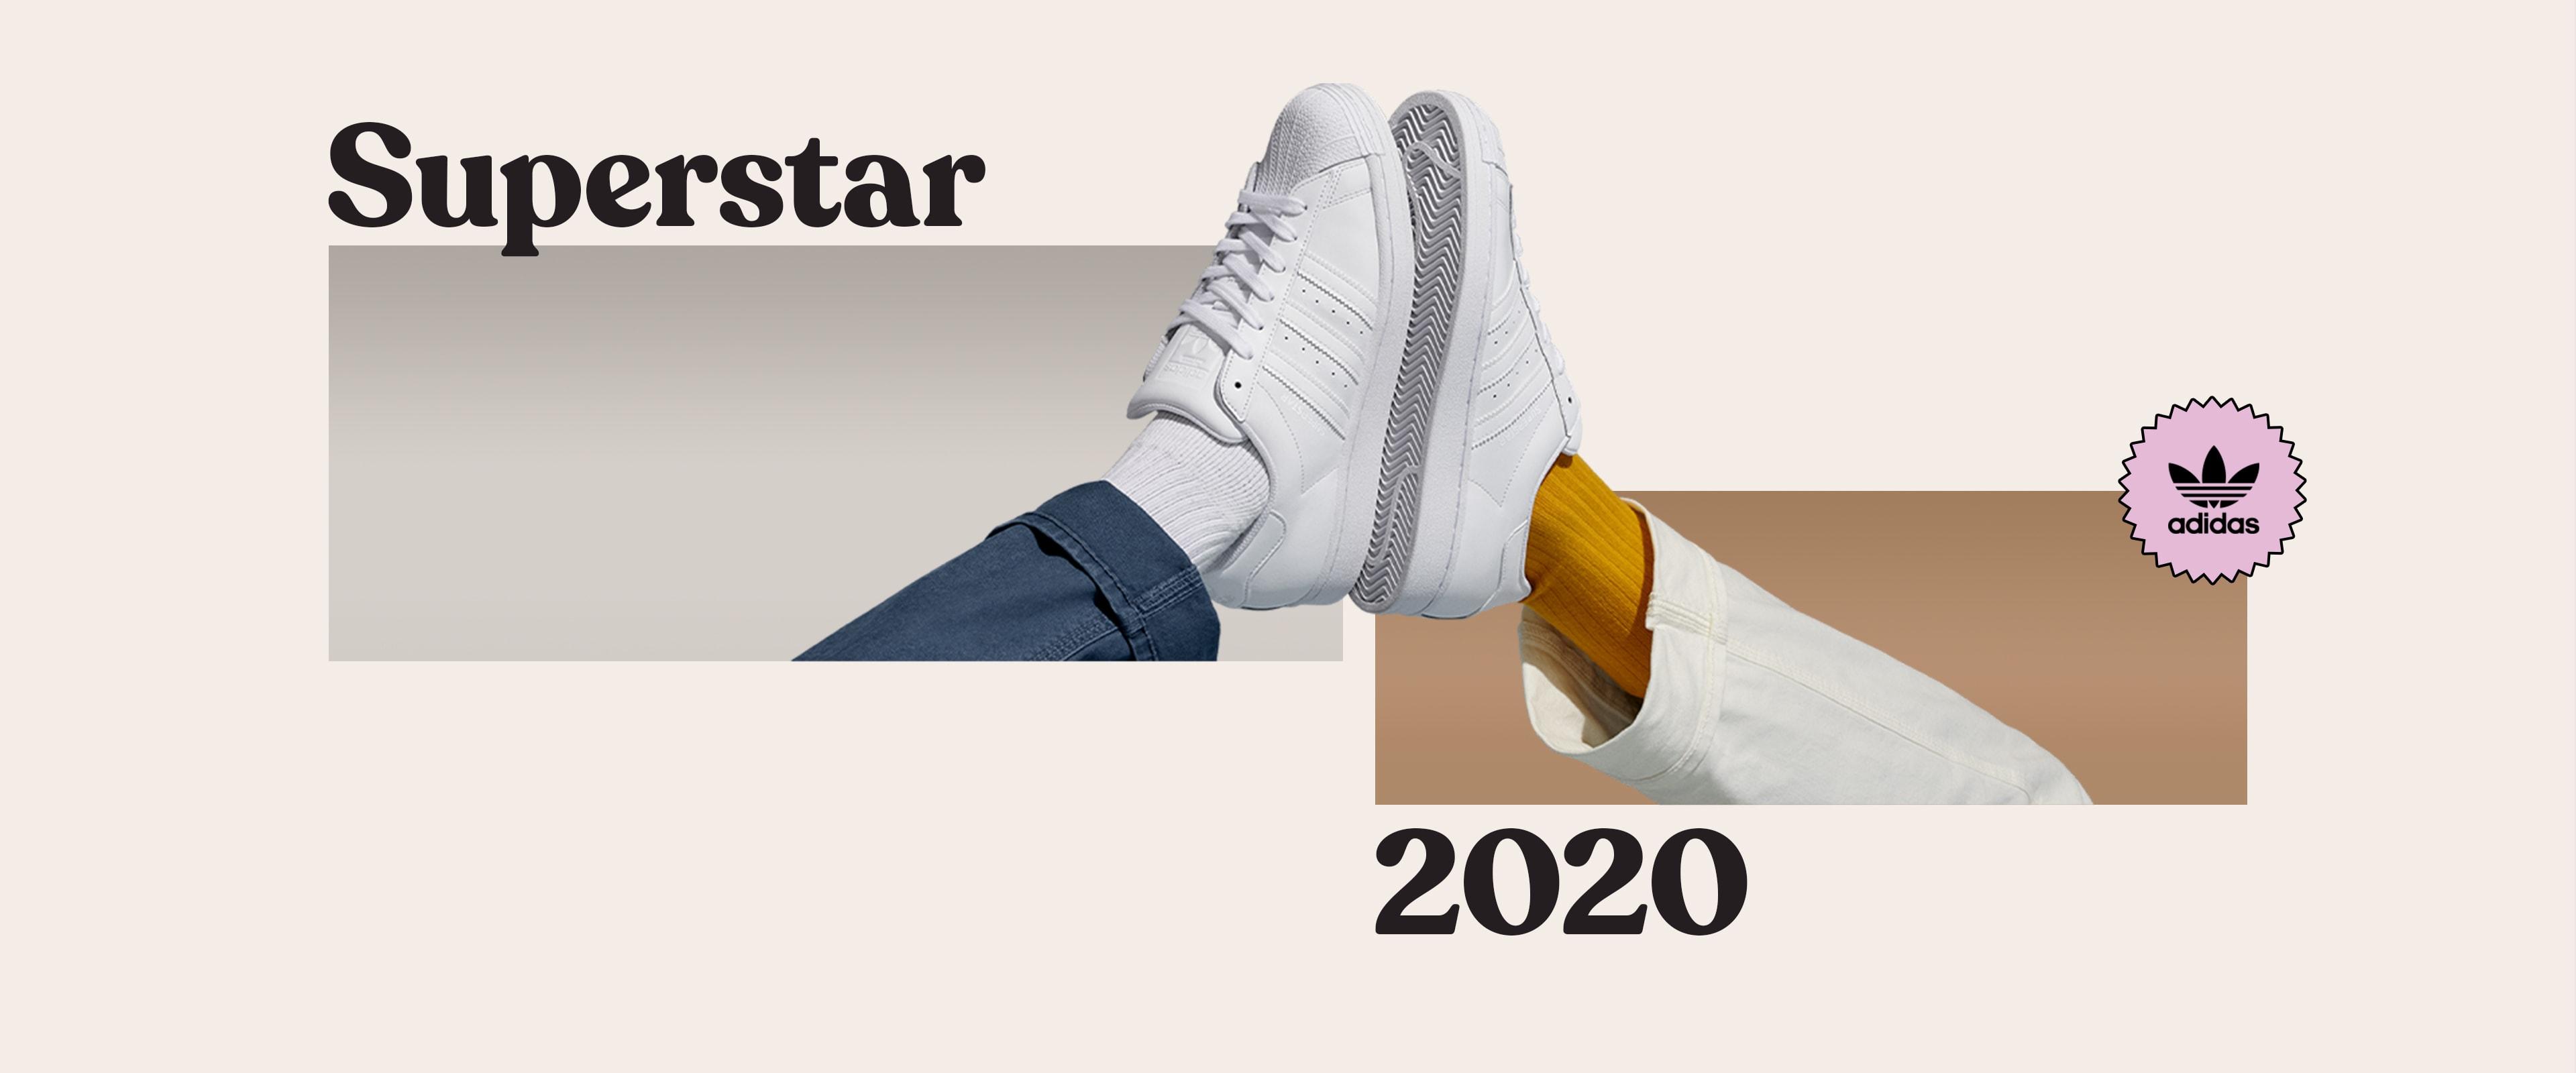 esperanza pirámide Especificidad  SUPERSTAR 2020 | adidas CA